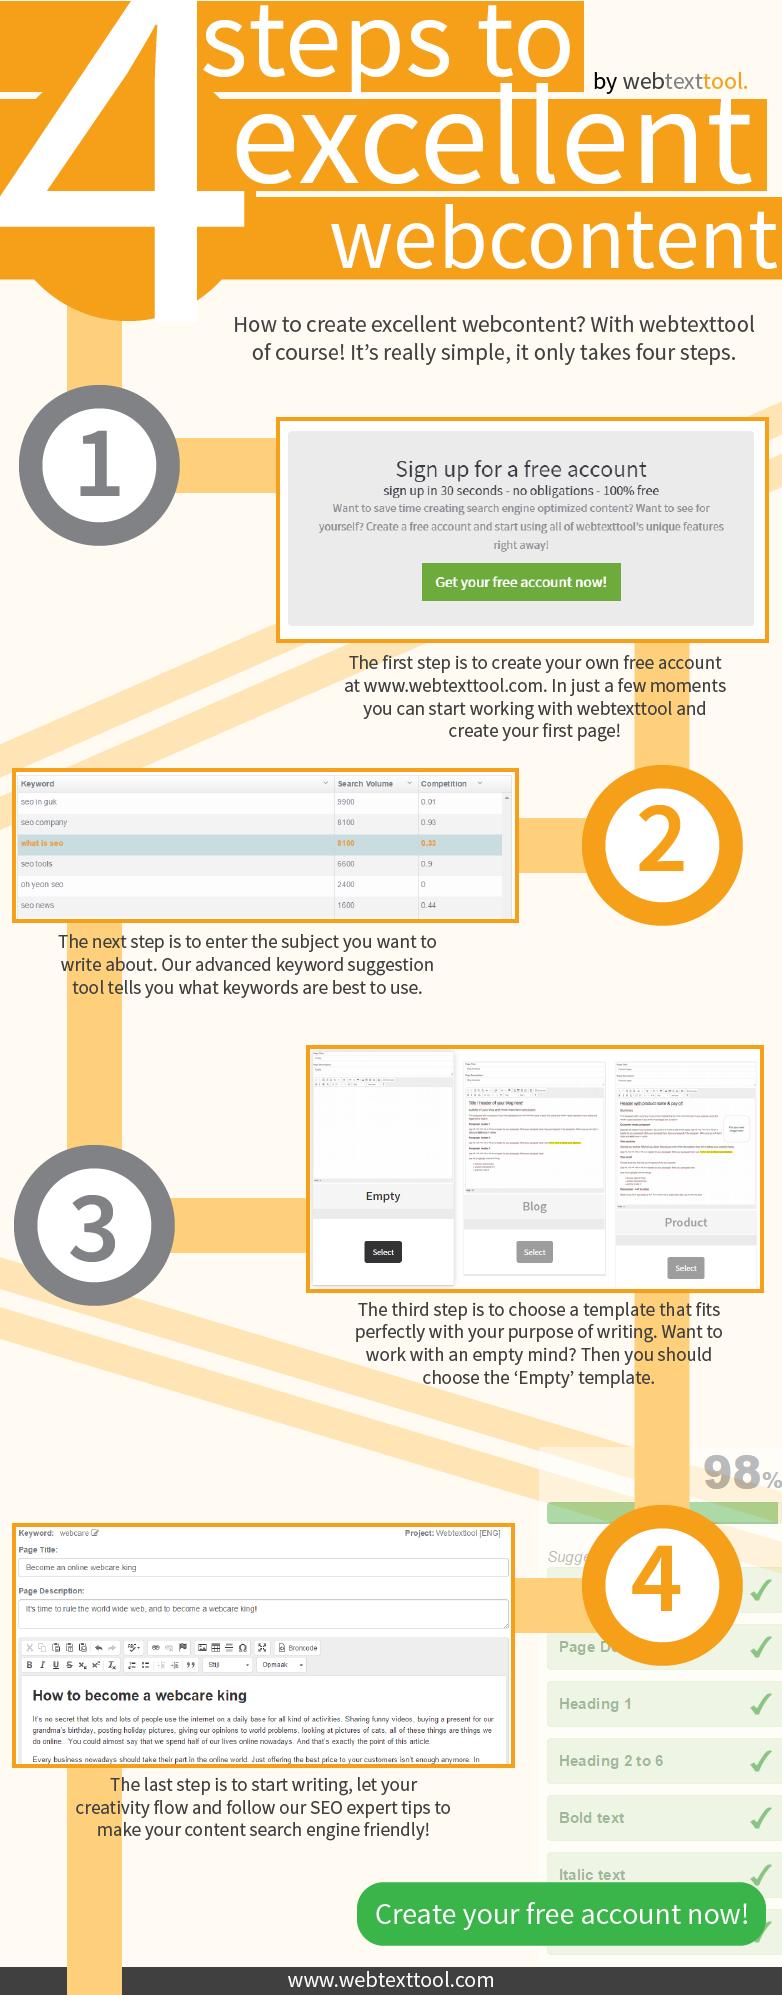 Webtexttool infographic